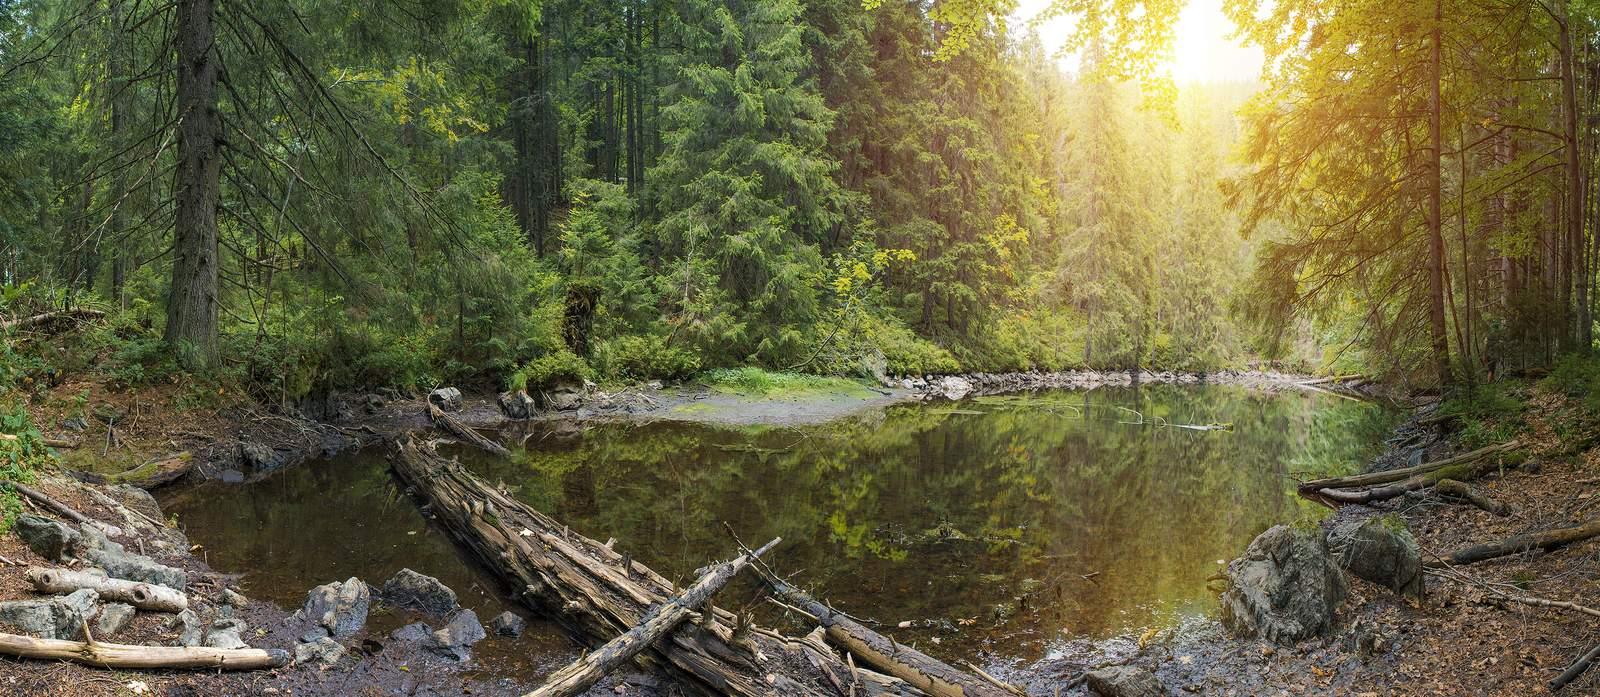 Ein See inmitten eines Waldes